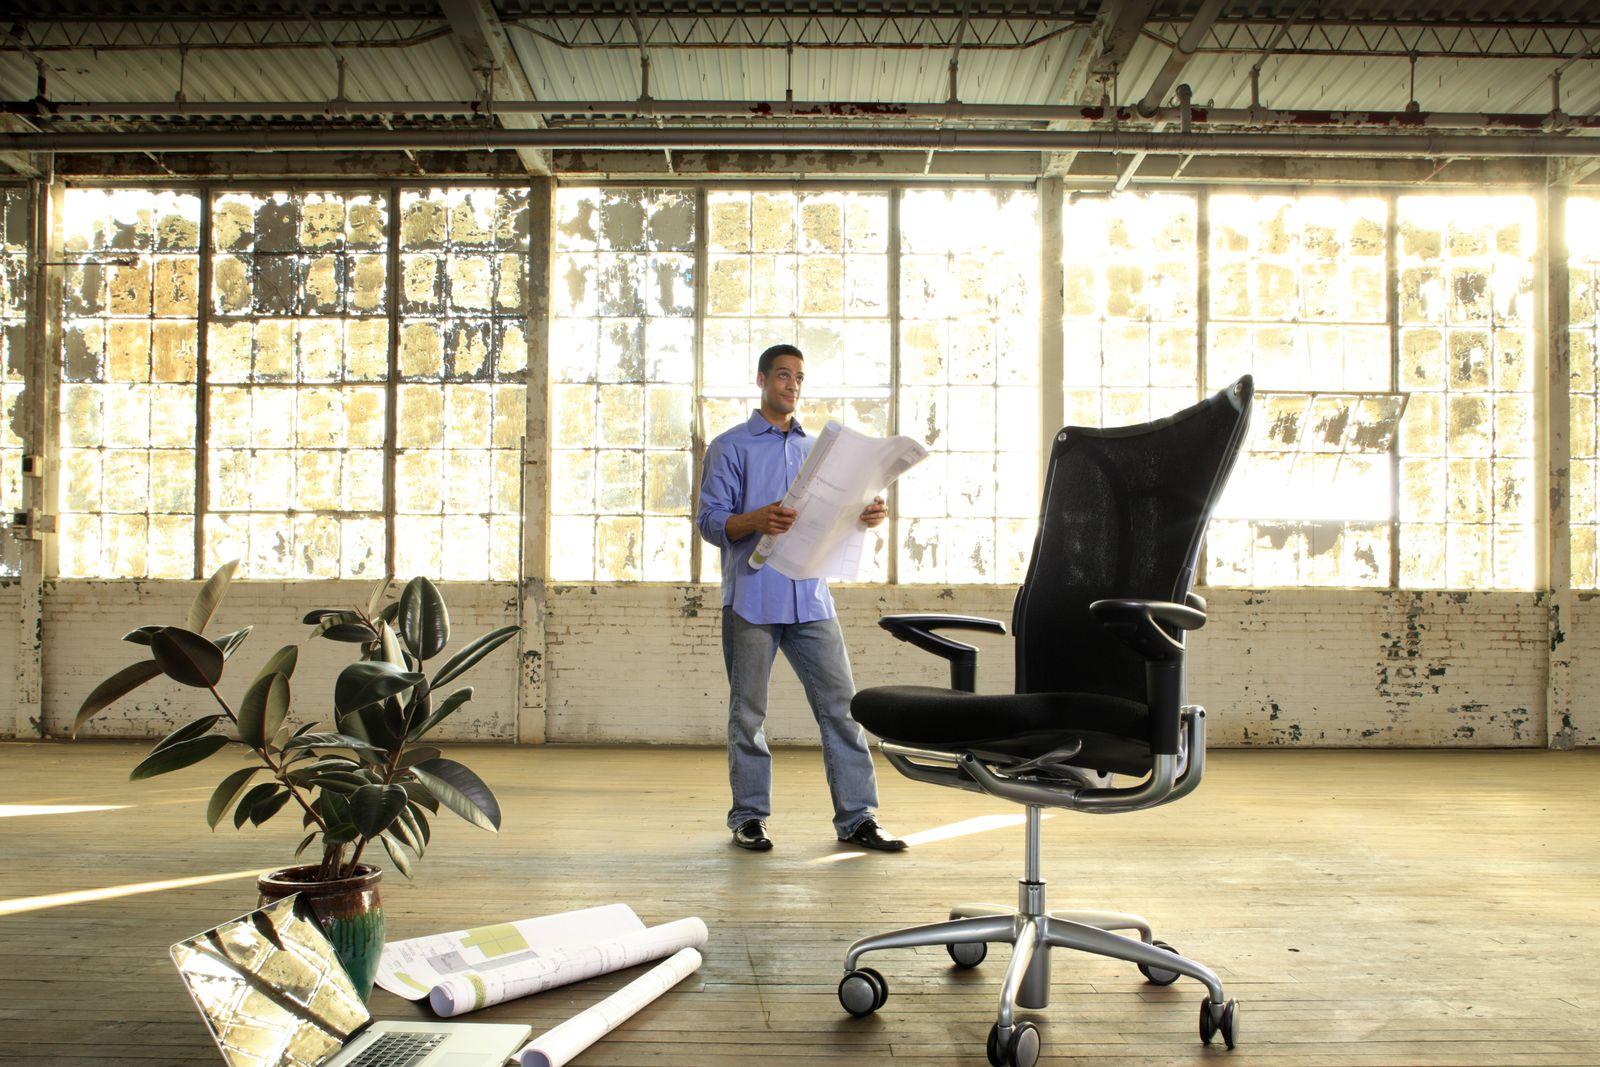 NICHT MEHR VERWENDEN! - Start-Up / Geschäftsmann / neues Büro / Unternehmensgründung